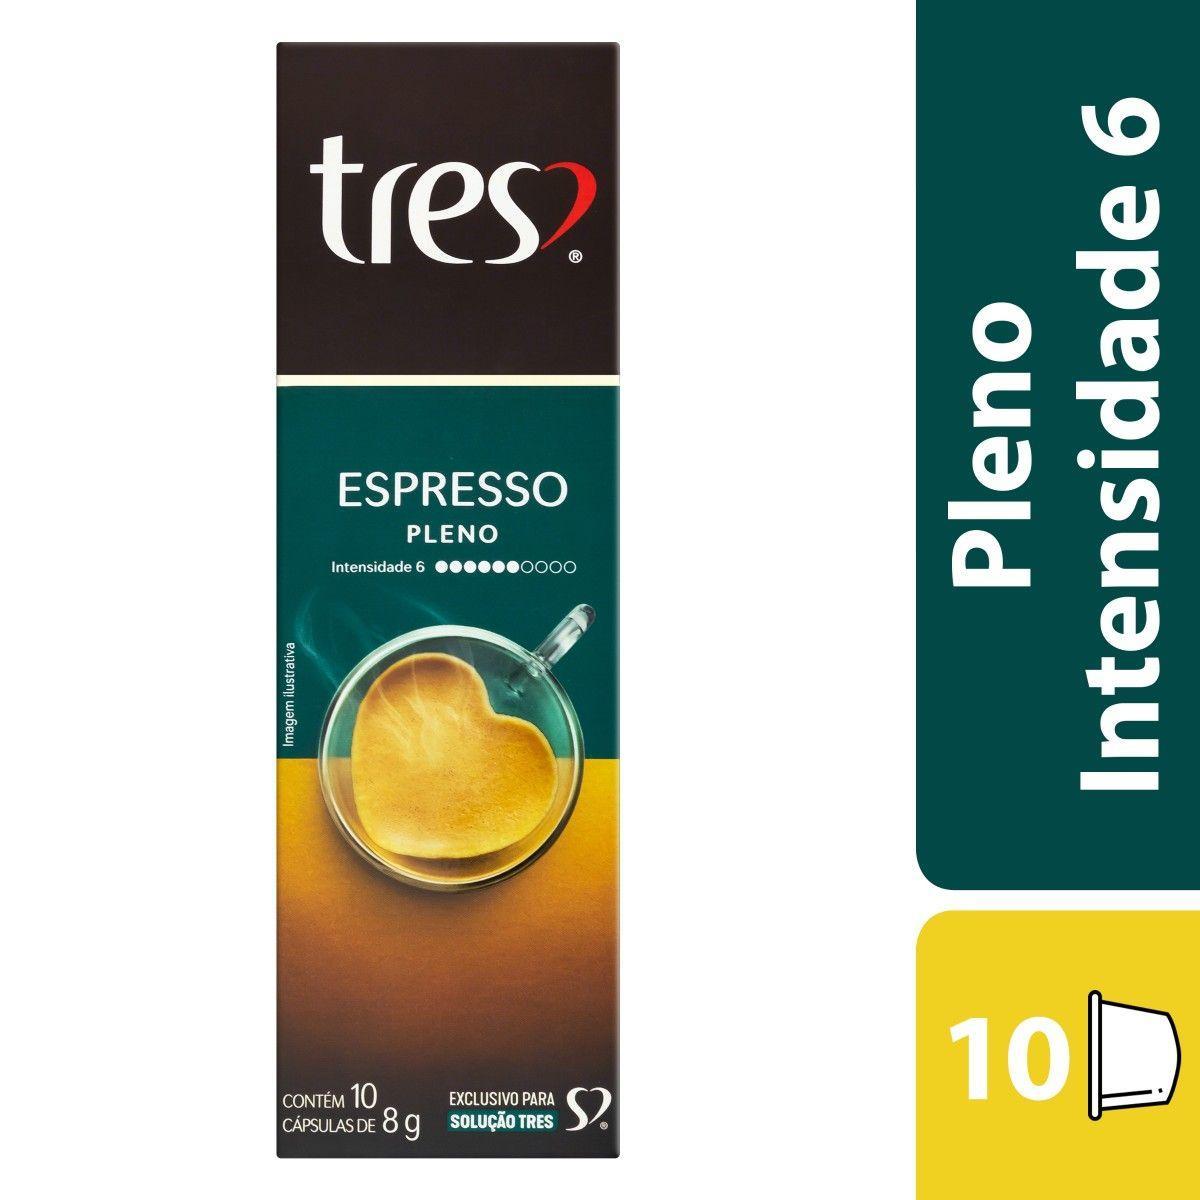 Cápsulas de Café espresso pleno 10 unidades de 8g 3 Corações caixa CX